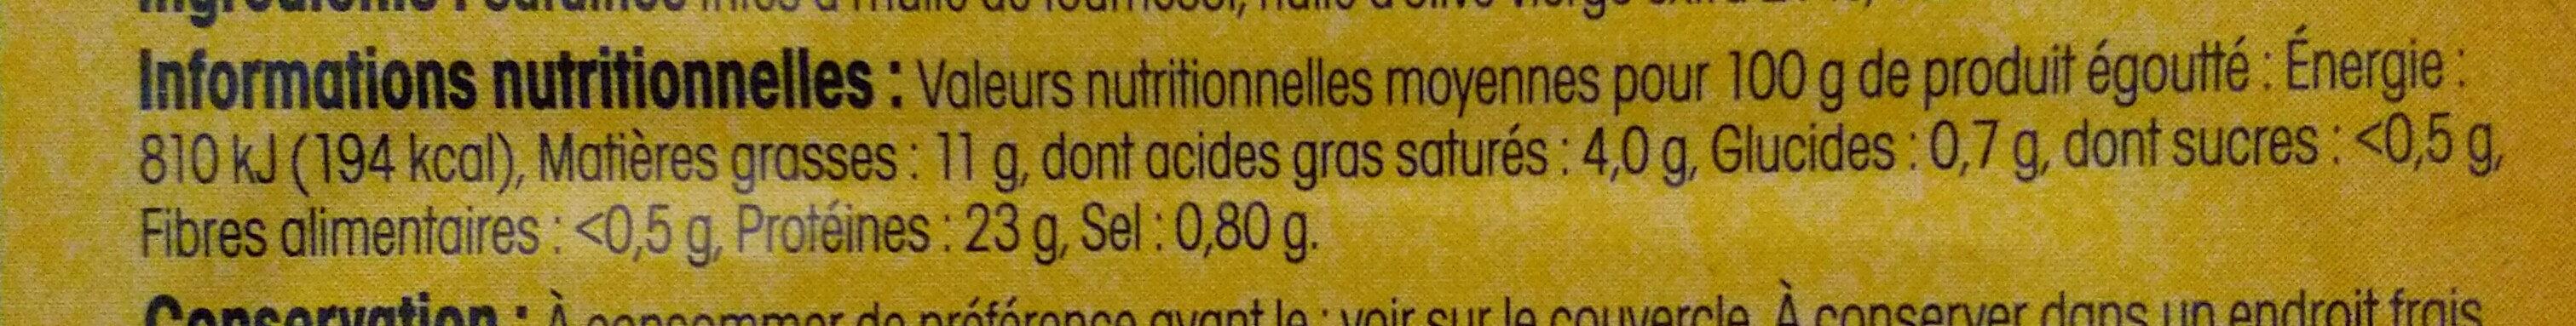 Sardines à l'huile d'olive verge extra (Préparées à l'ancienne) Label Rouge - Nährwertangaben